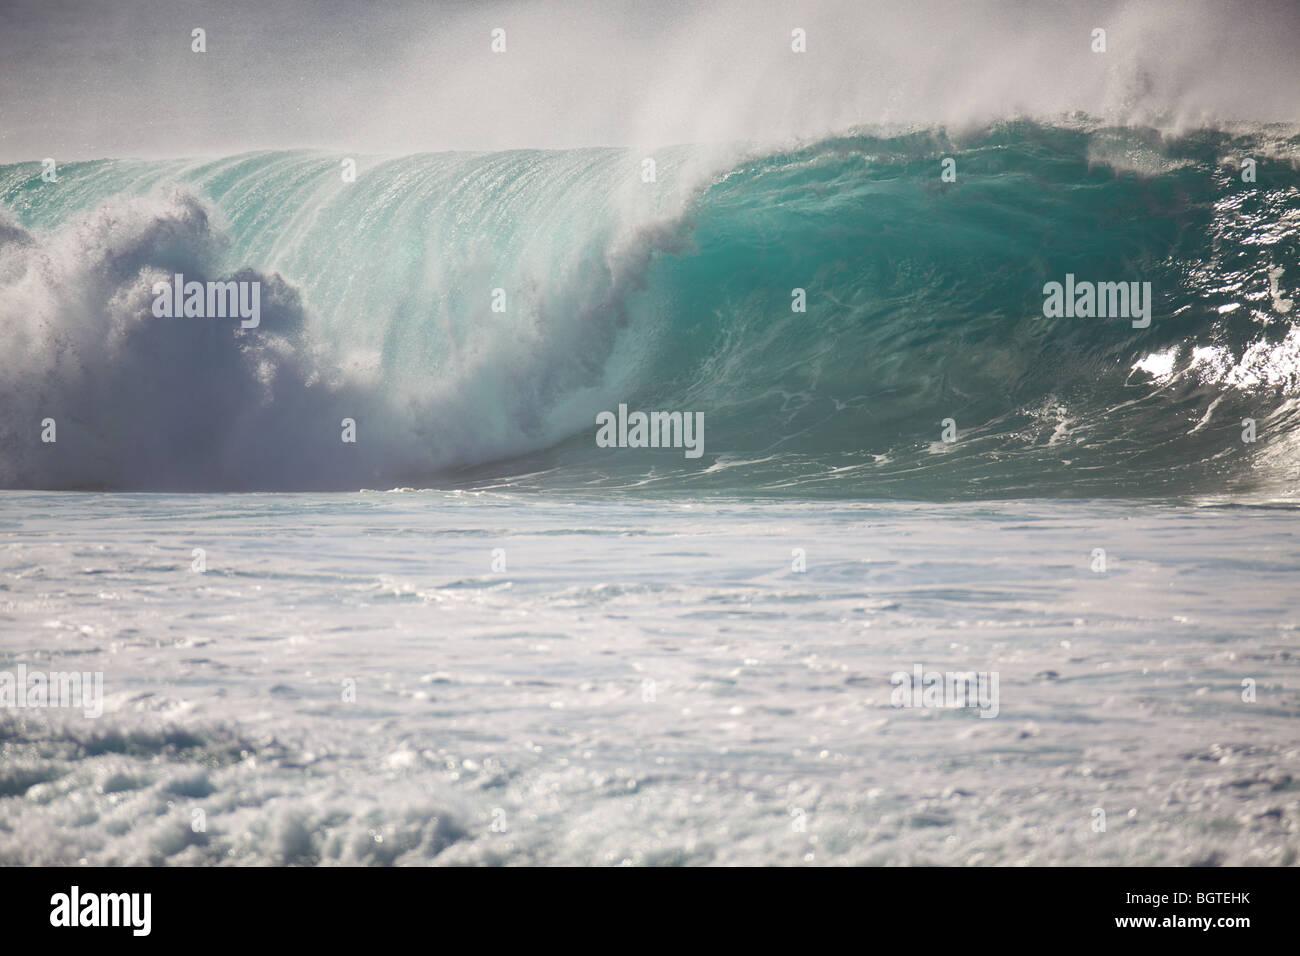 Une grande vague se casse à Waimea Bay, North Shore, Oahu, Hawaii Banque D'Images